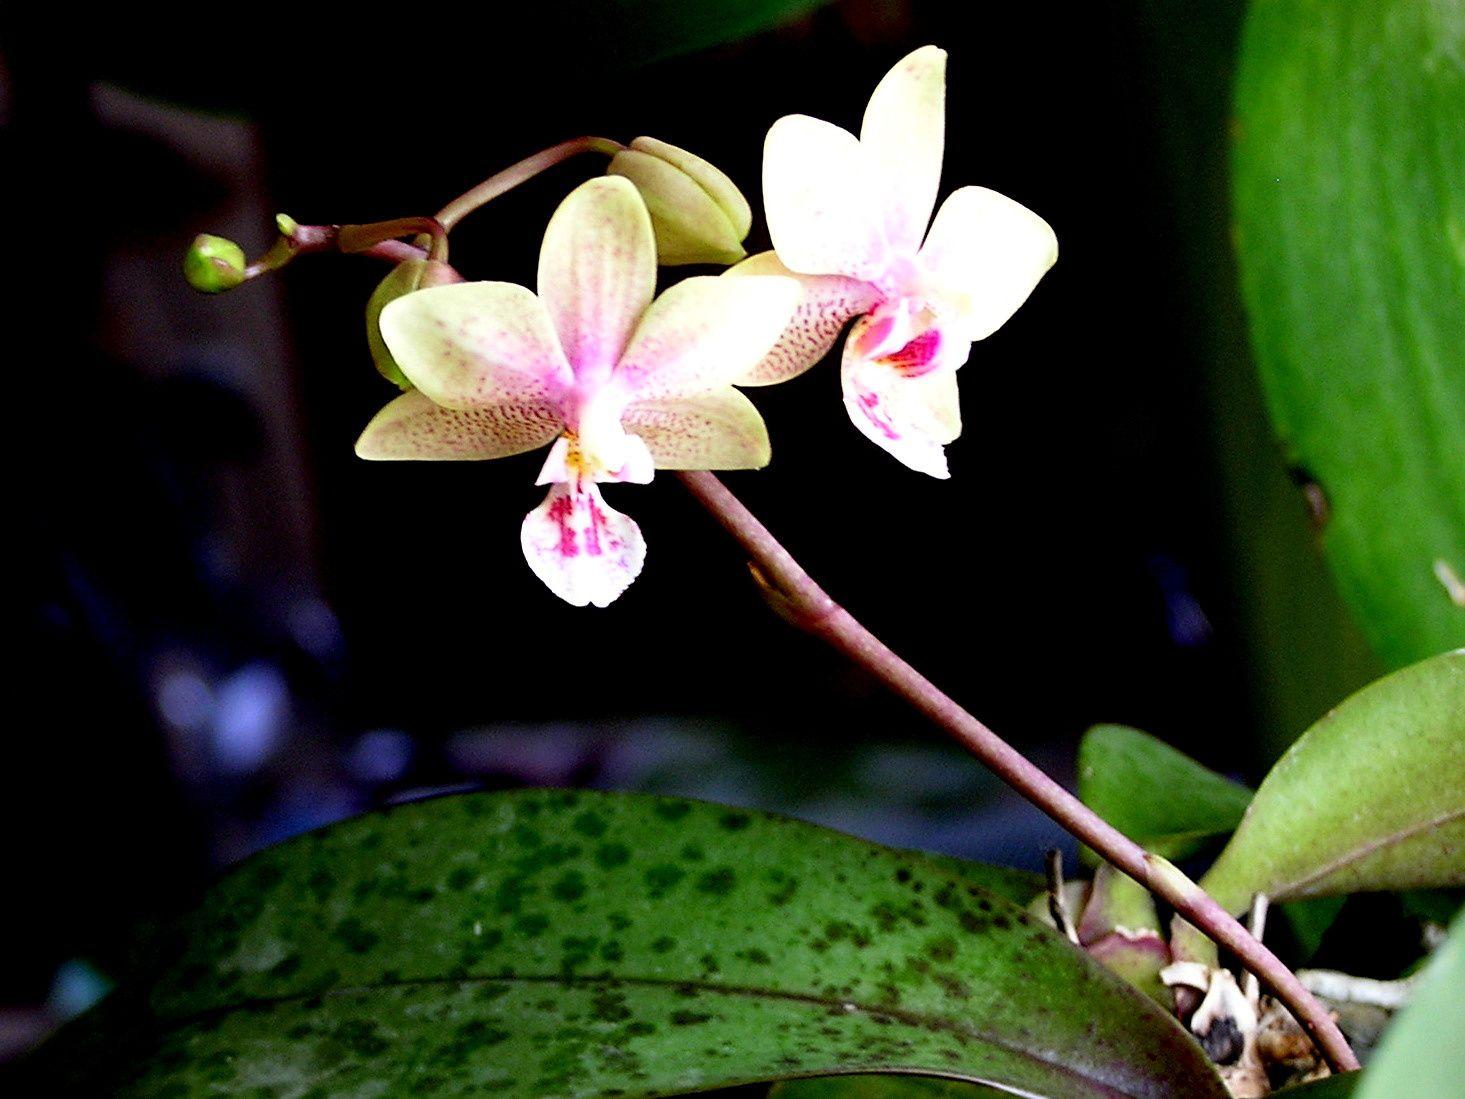 Choisissez de préférence une plante adulte et en fleur à moins d'être un orchidophile averti